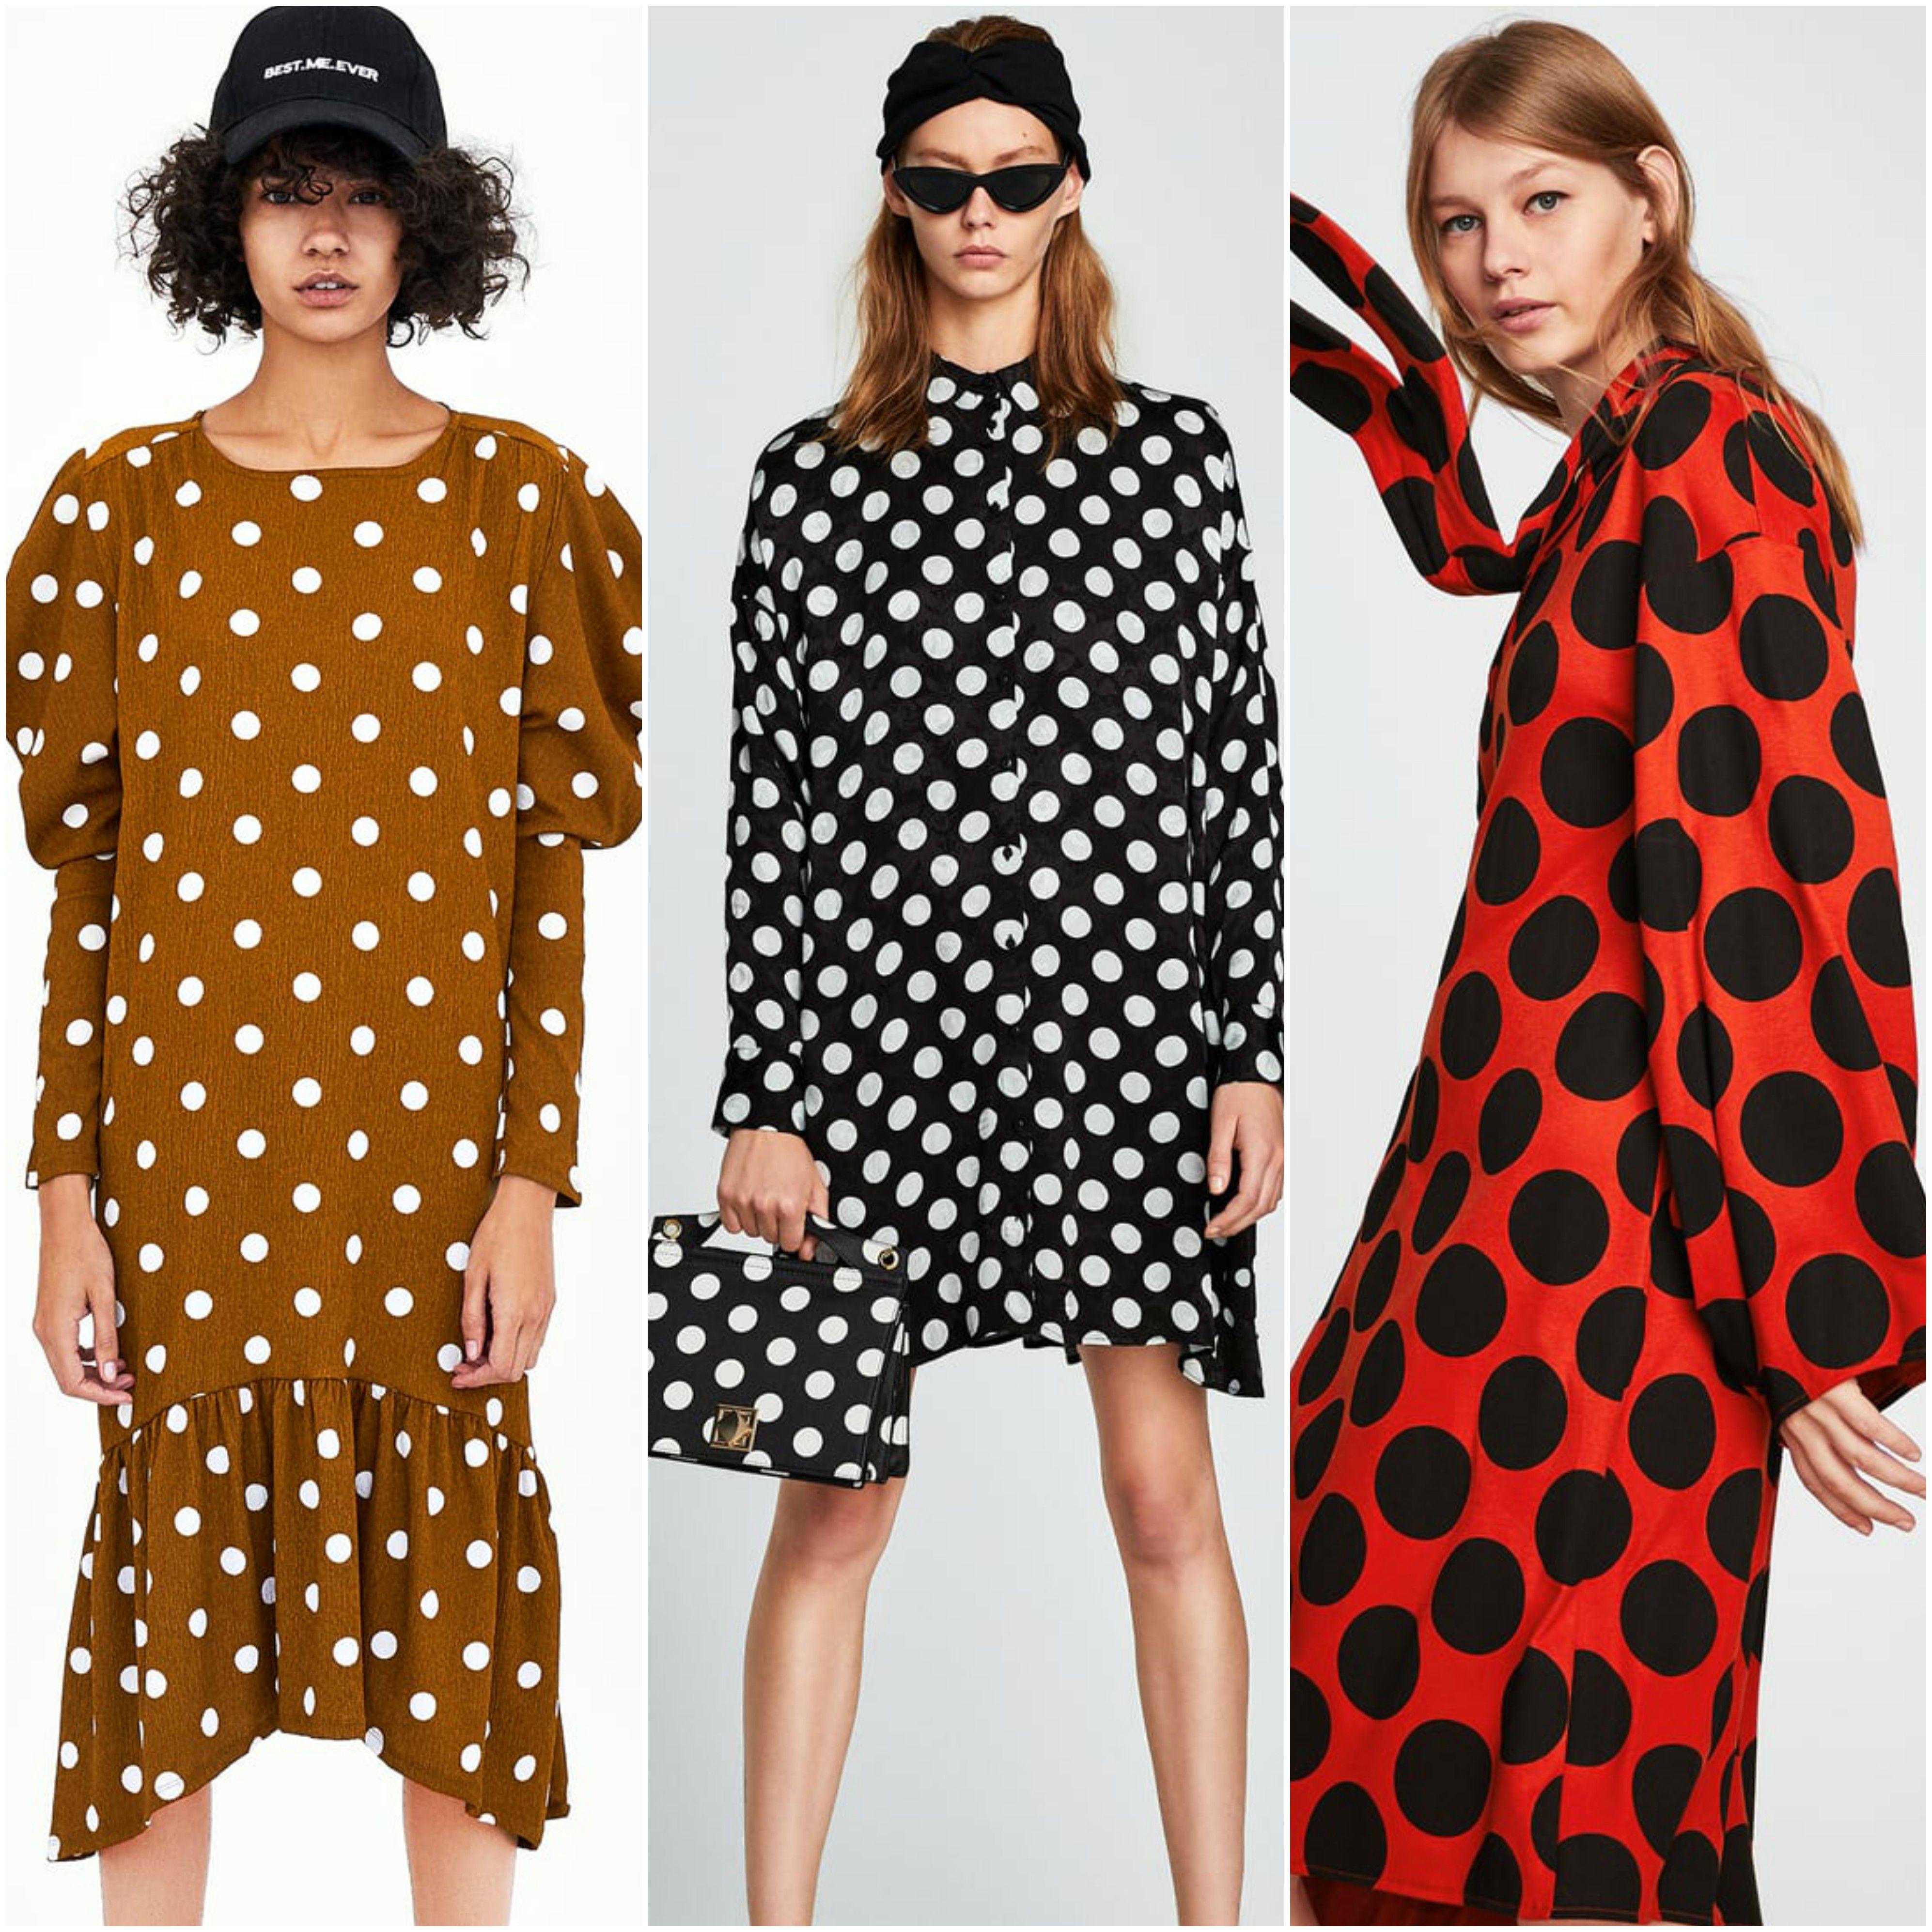 Izdvojili smo sve točkaste haljine - probajte izabrati samo jednu!